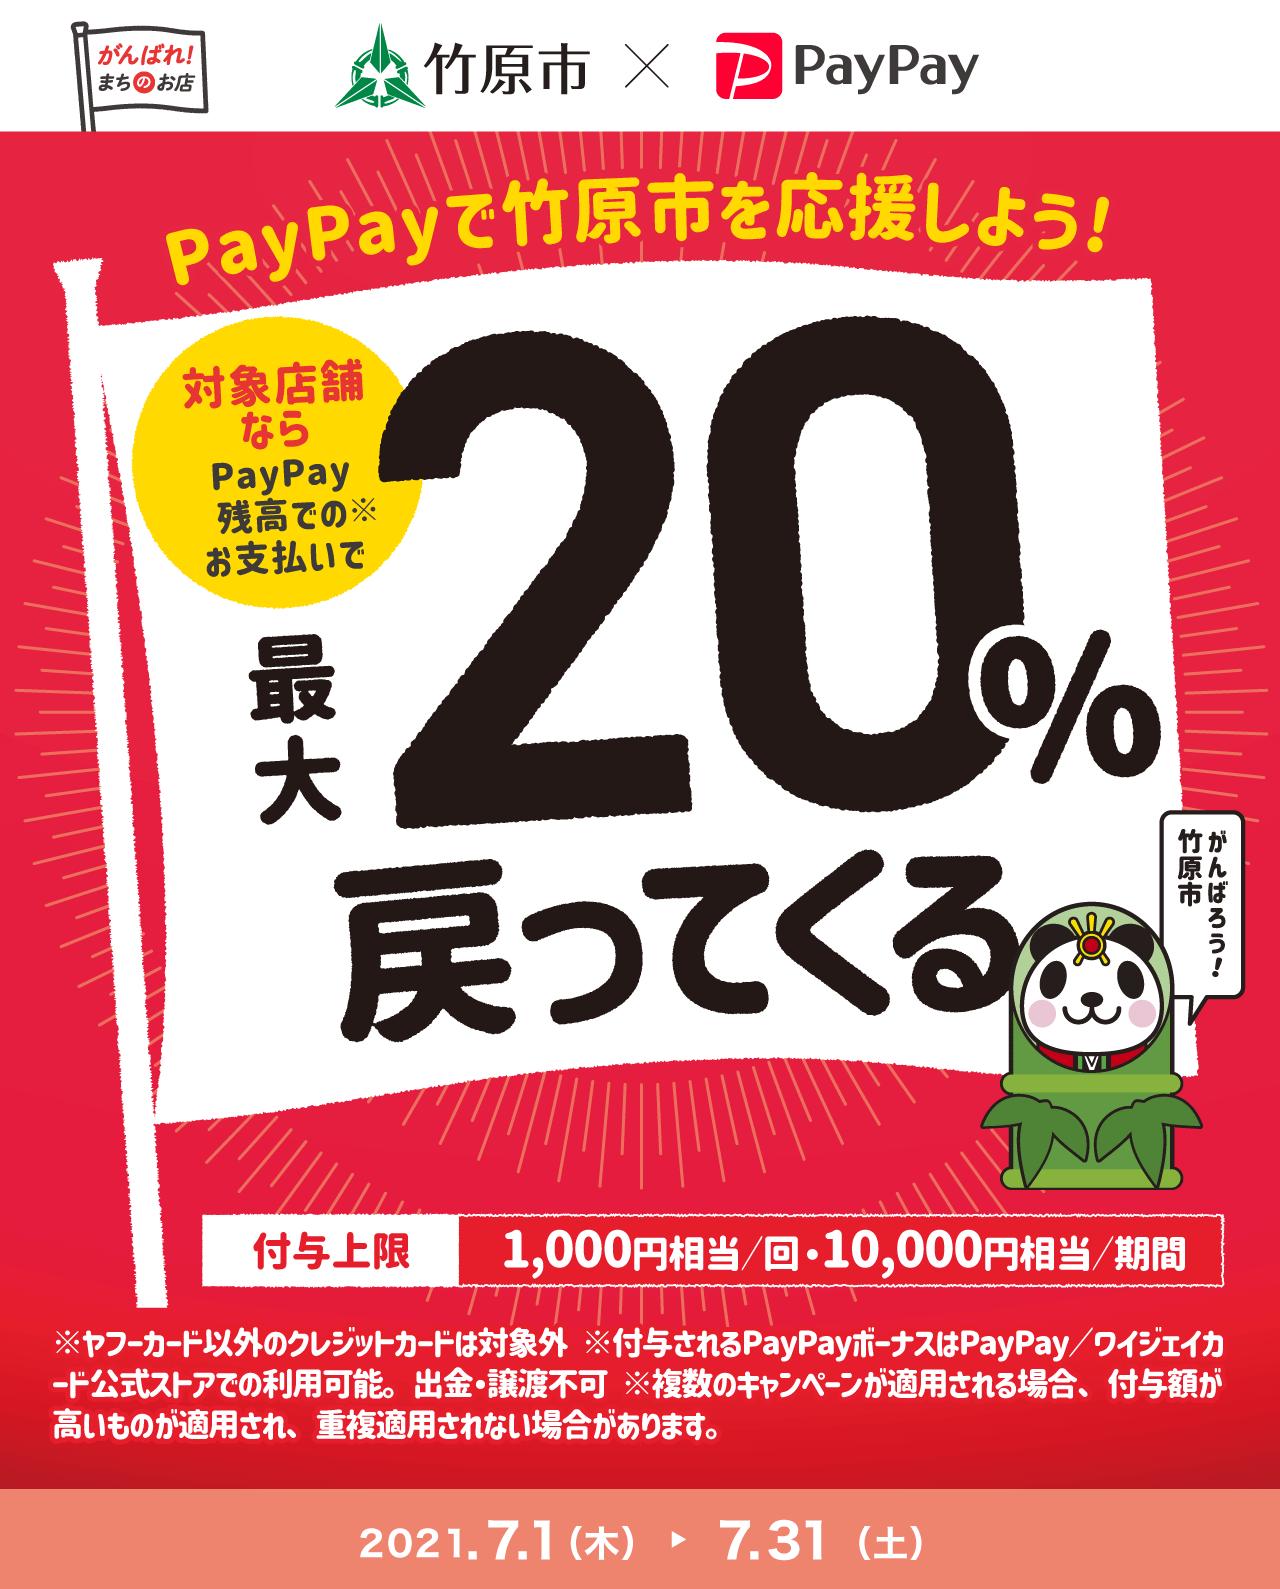 PayPayで竹原市を応援しよう!対象店舗ならPayPay残高でのお支払いで最大20%戻ってくる